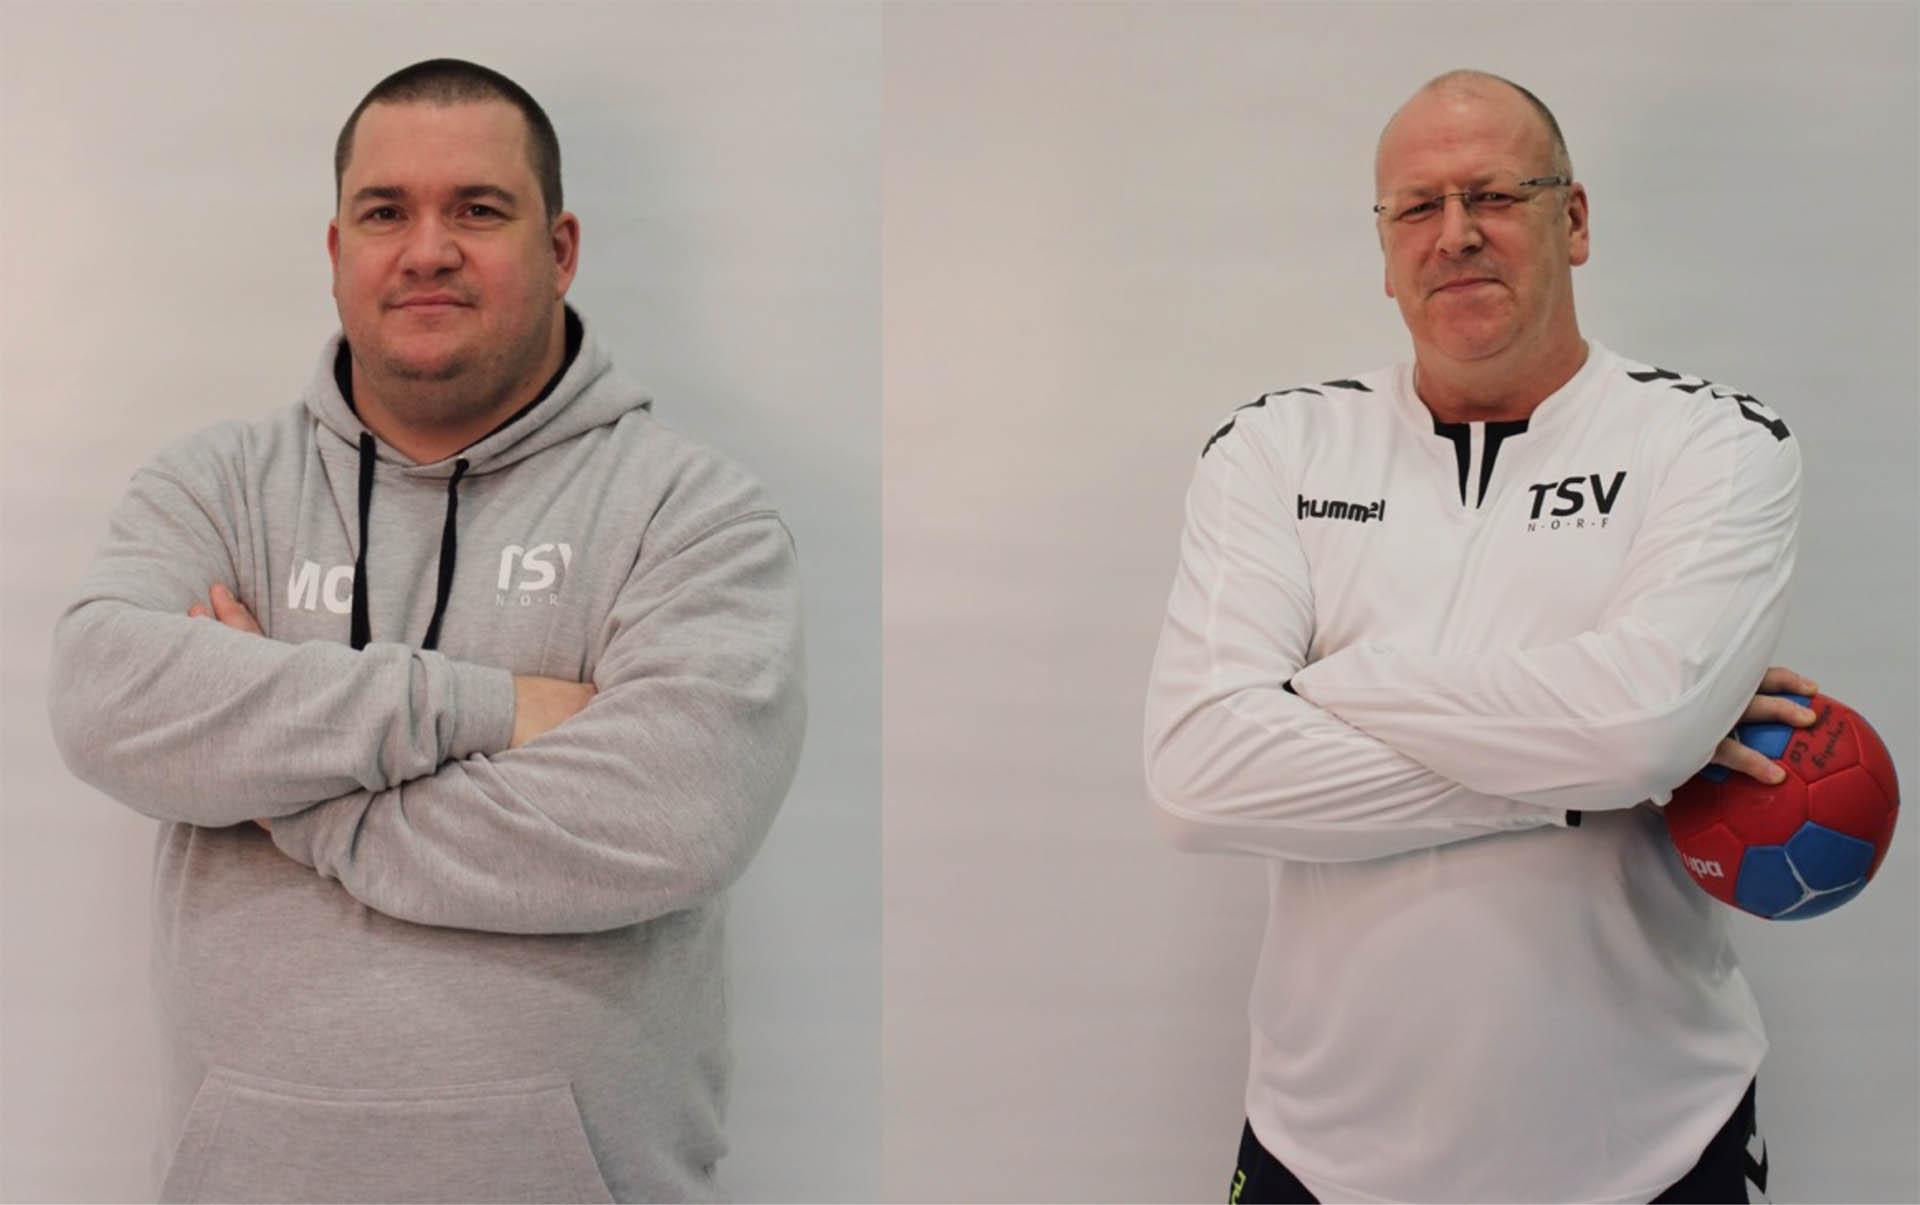 Handball: Handballabteilung unter neuer Leitung (ab 01.06.2018)